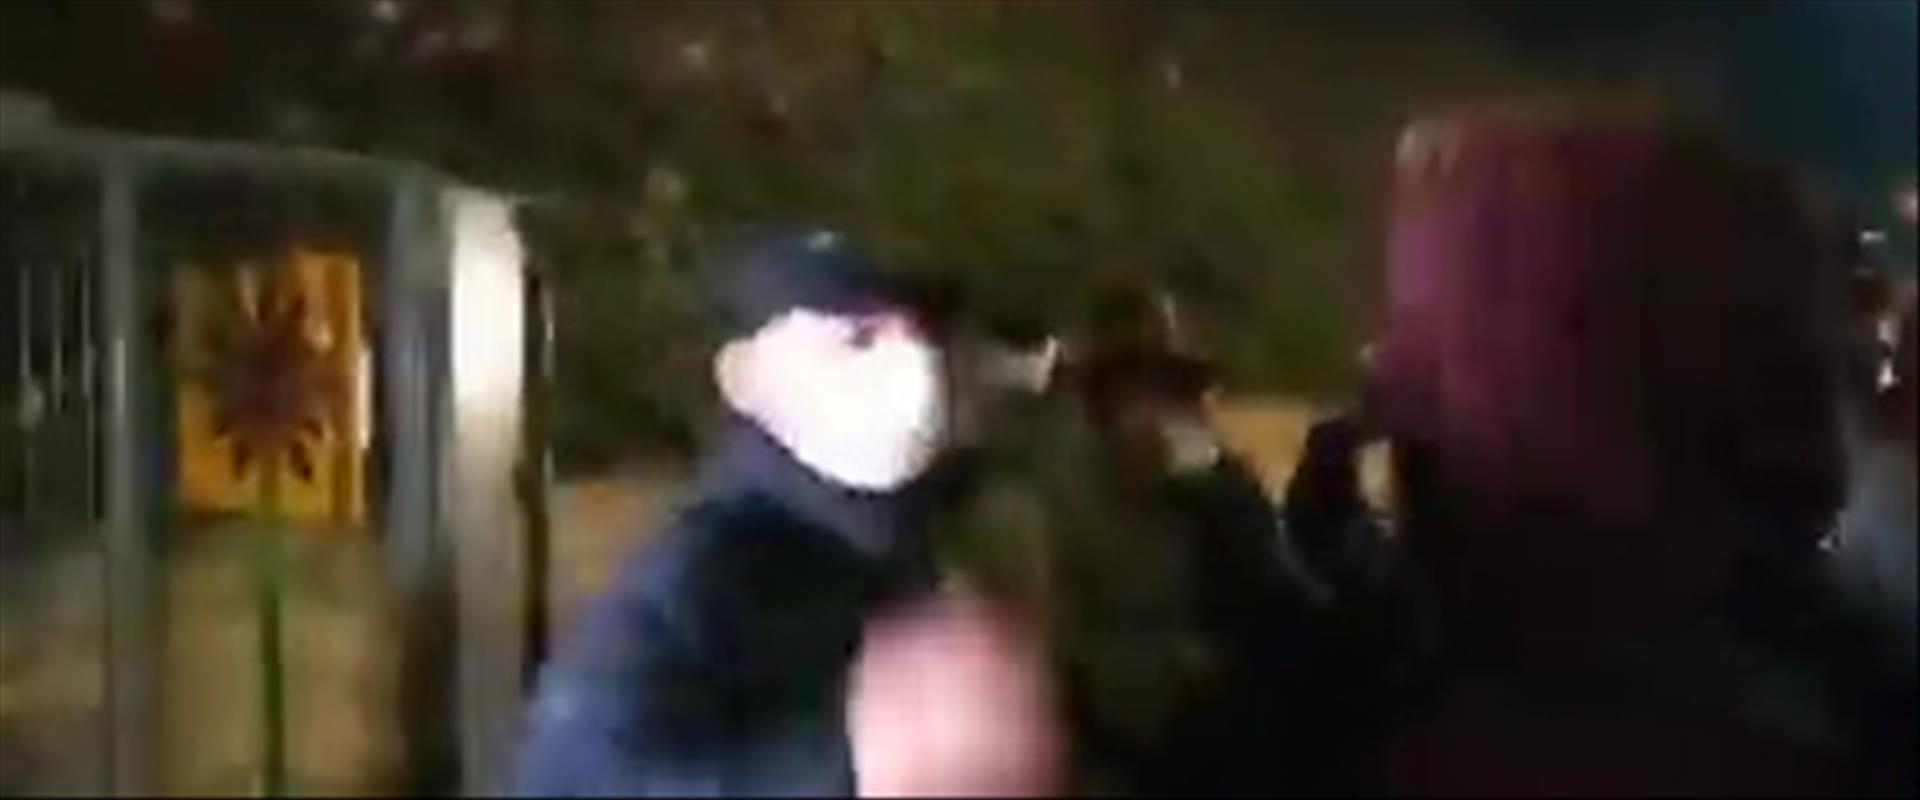 שוטר מכה מפגין בפניו בהפגנה בירושלים אתמול, 06.12